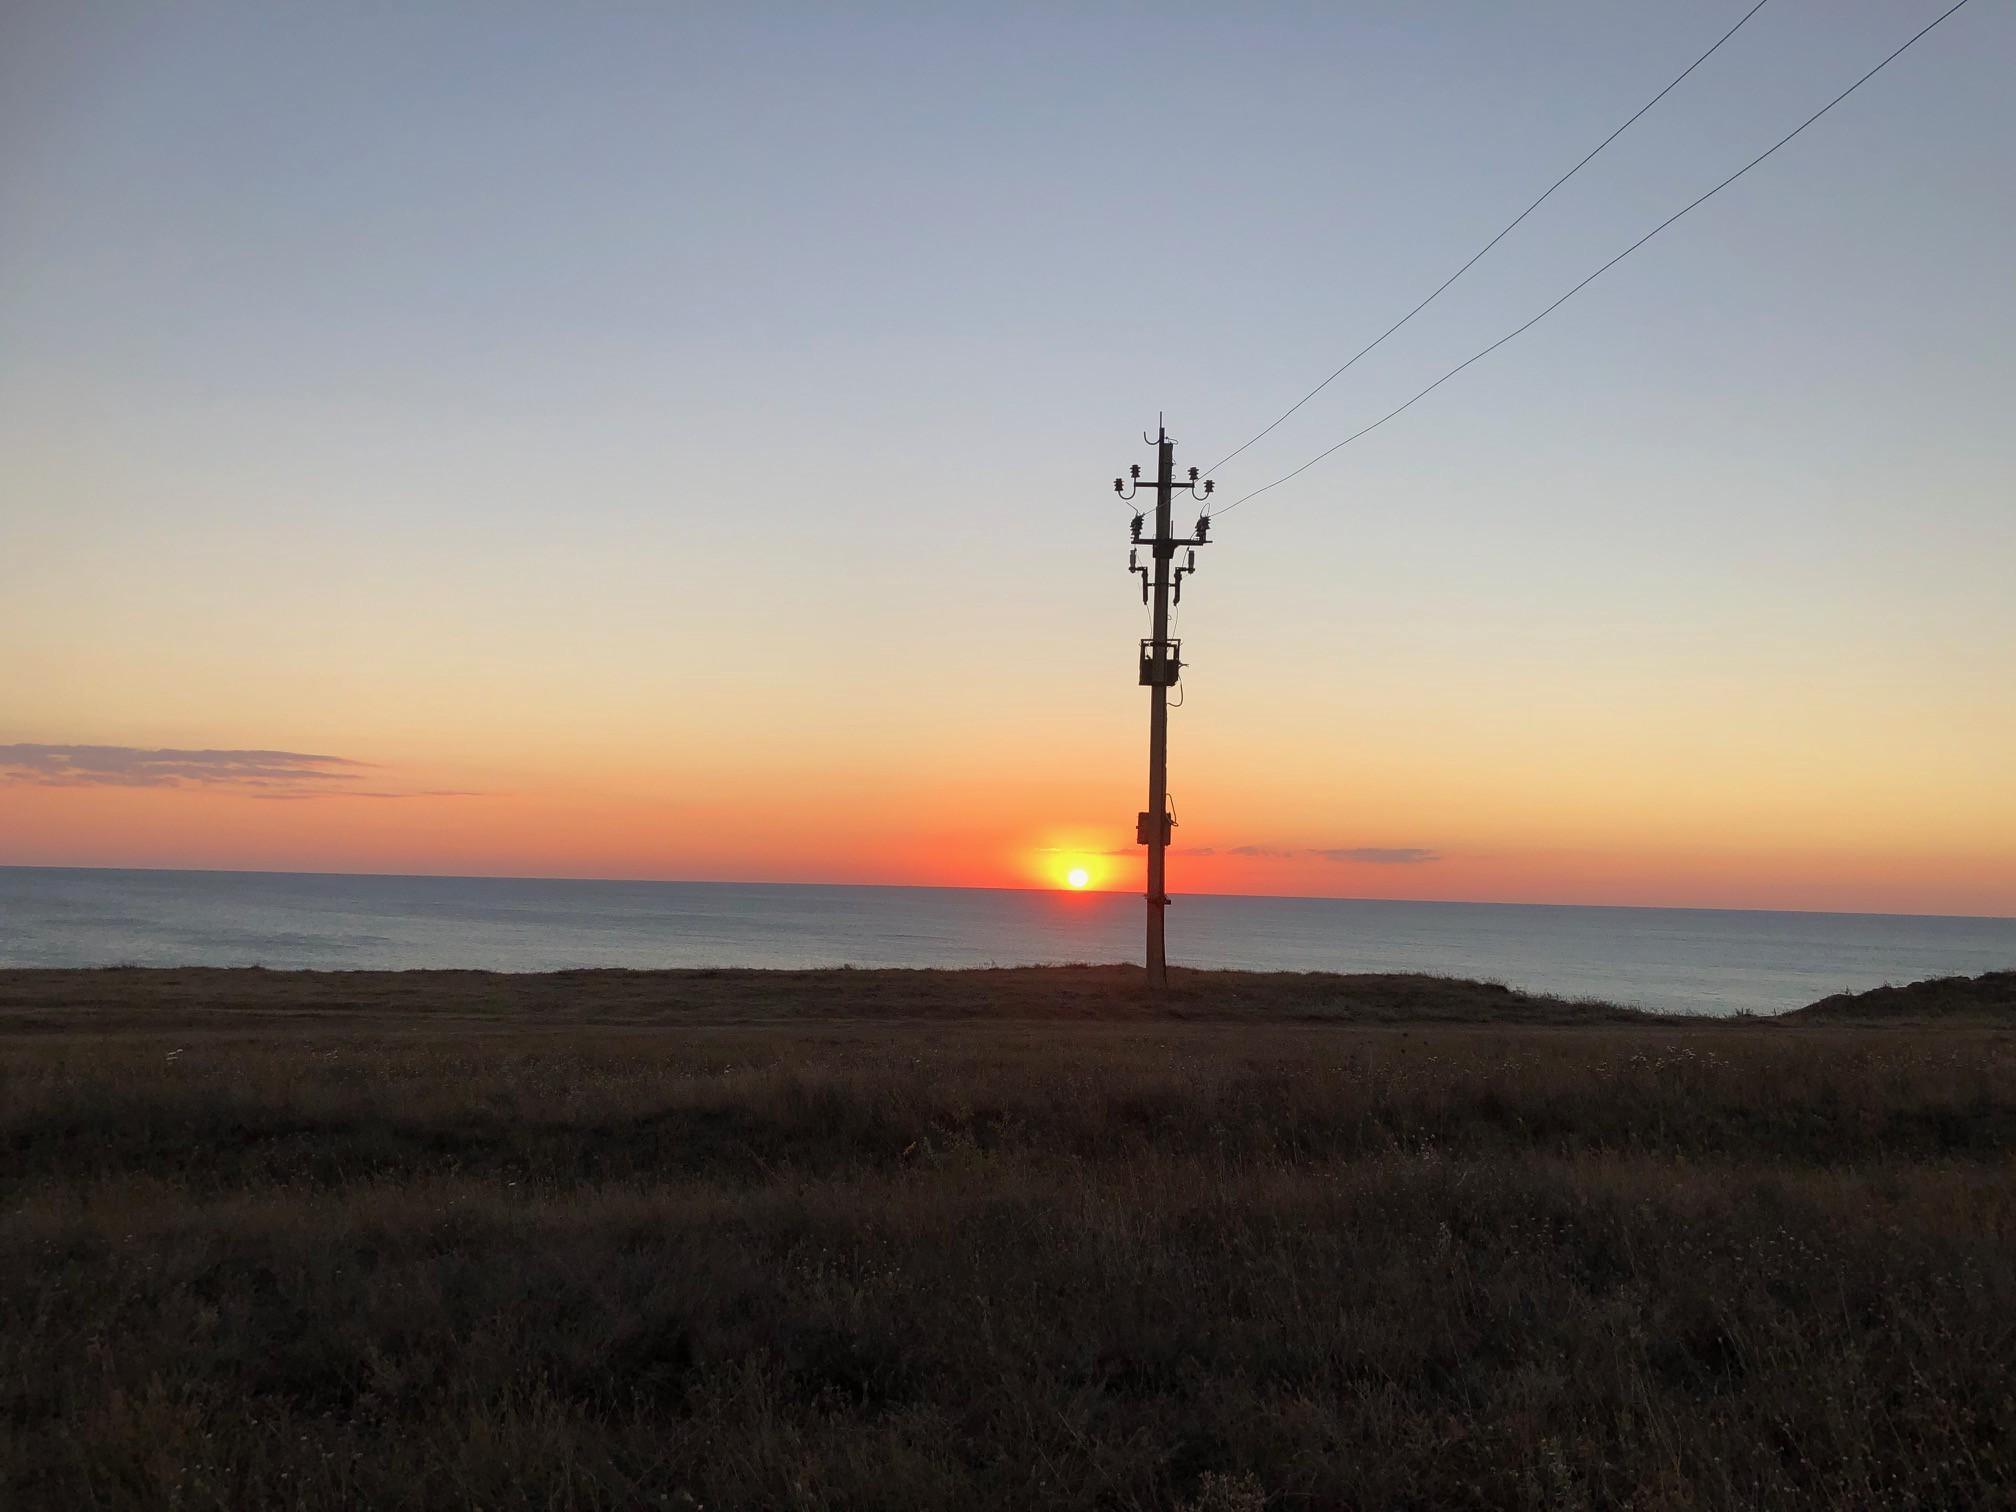 Энергетика на краю. Источник: фотография авторов